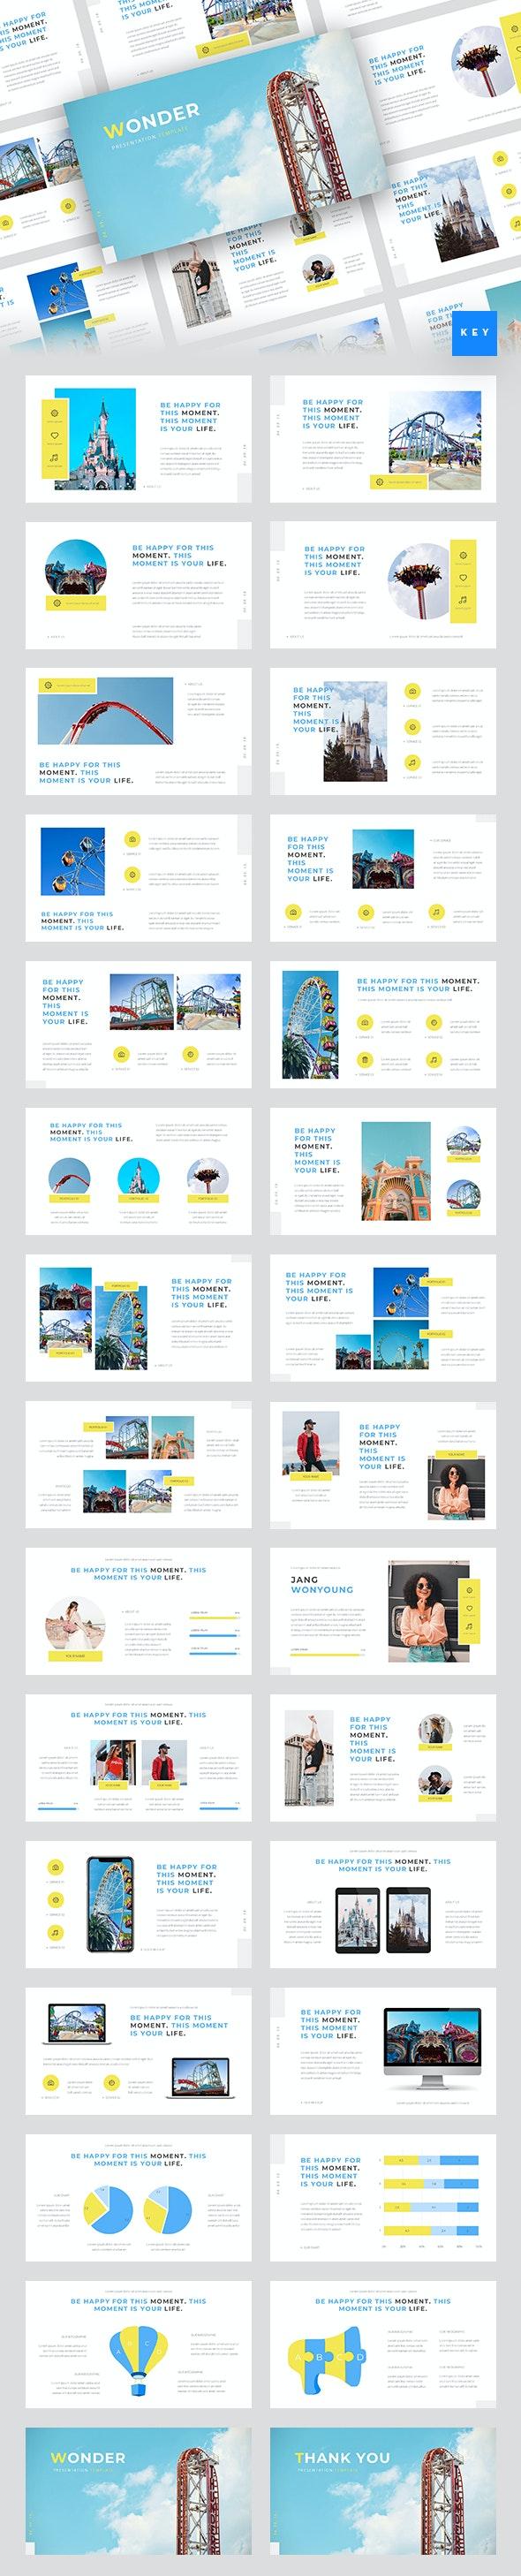 Wonder - Theme Park Keynote Template - Miscellaneous Keynote Templates